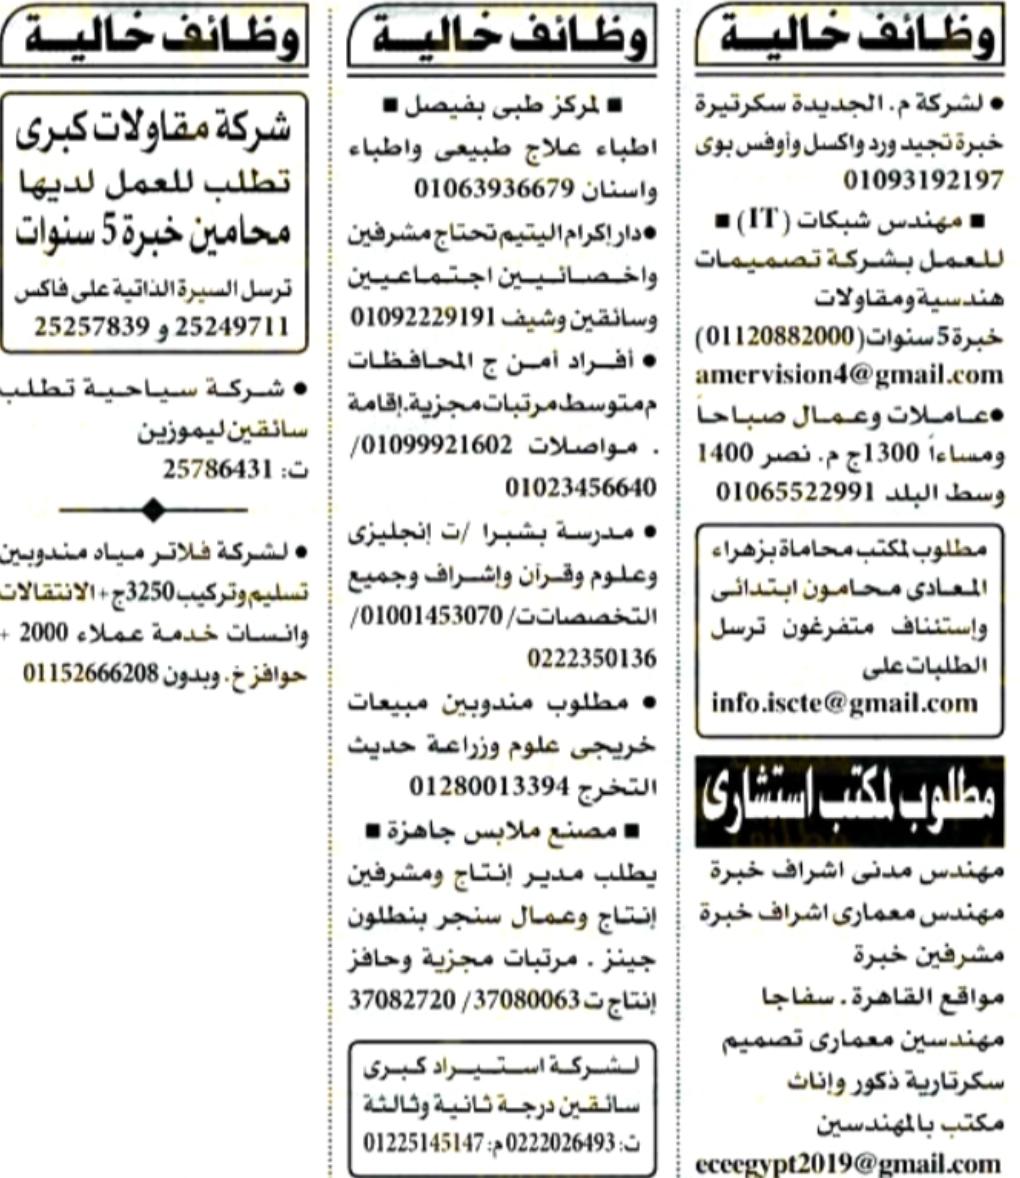 وظائف اهرام الجمعة 23/10/2020 العدد الاسبوعي 1